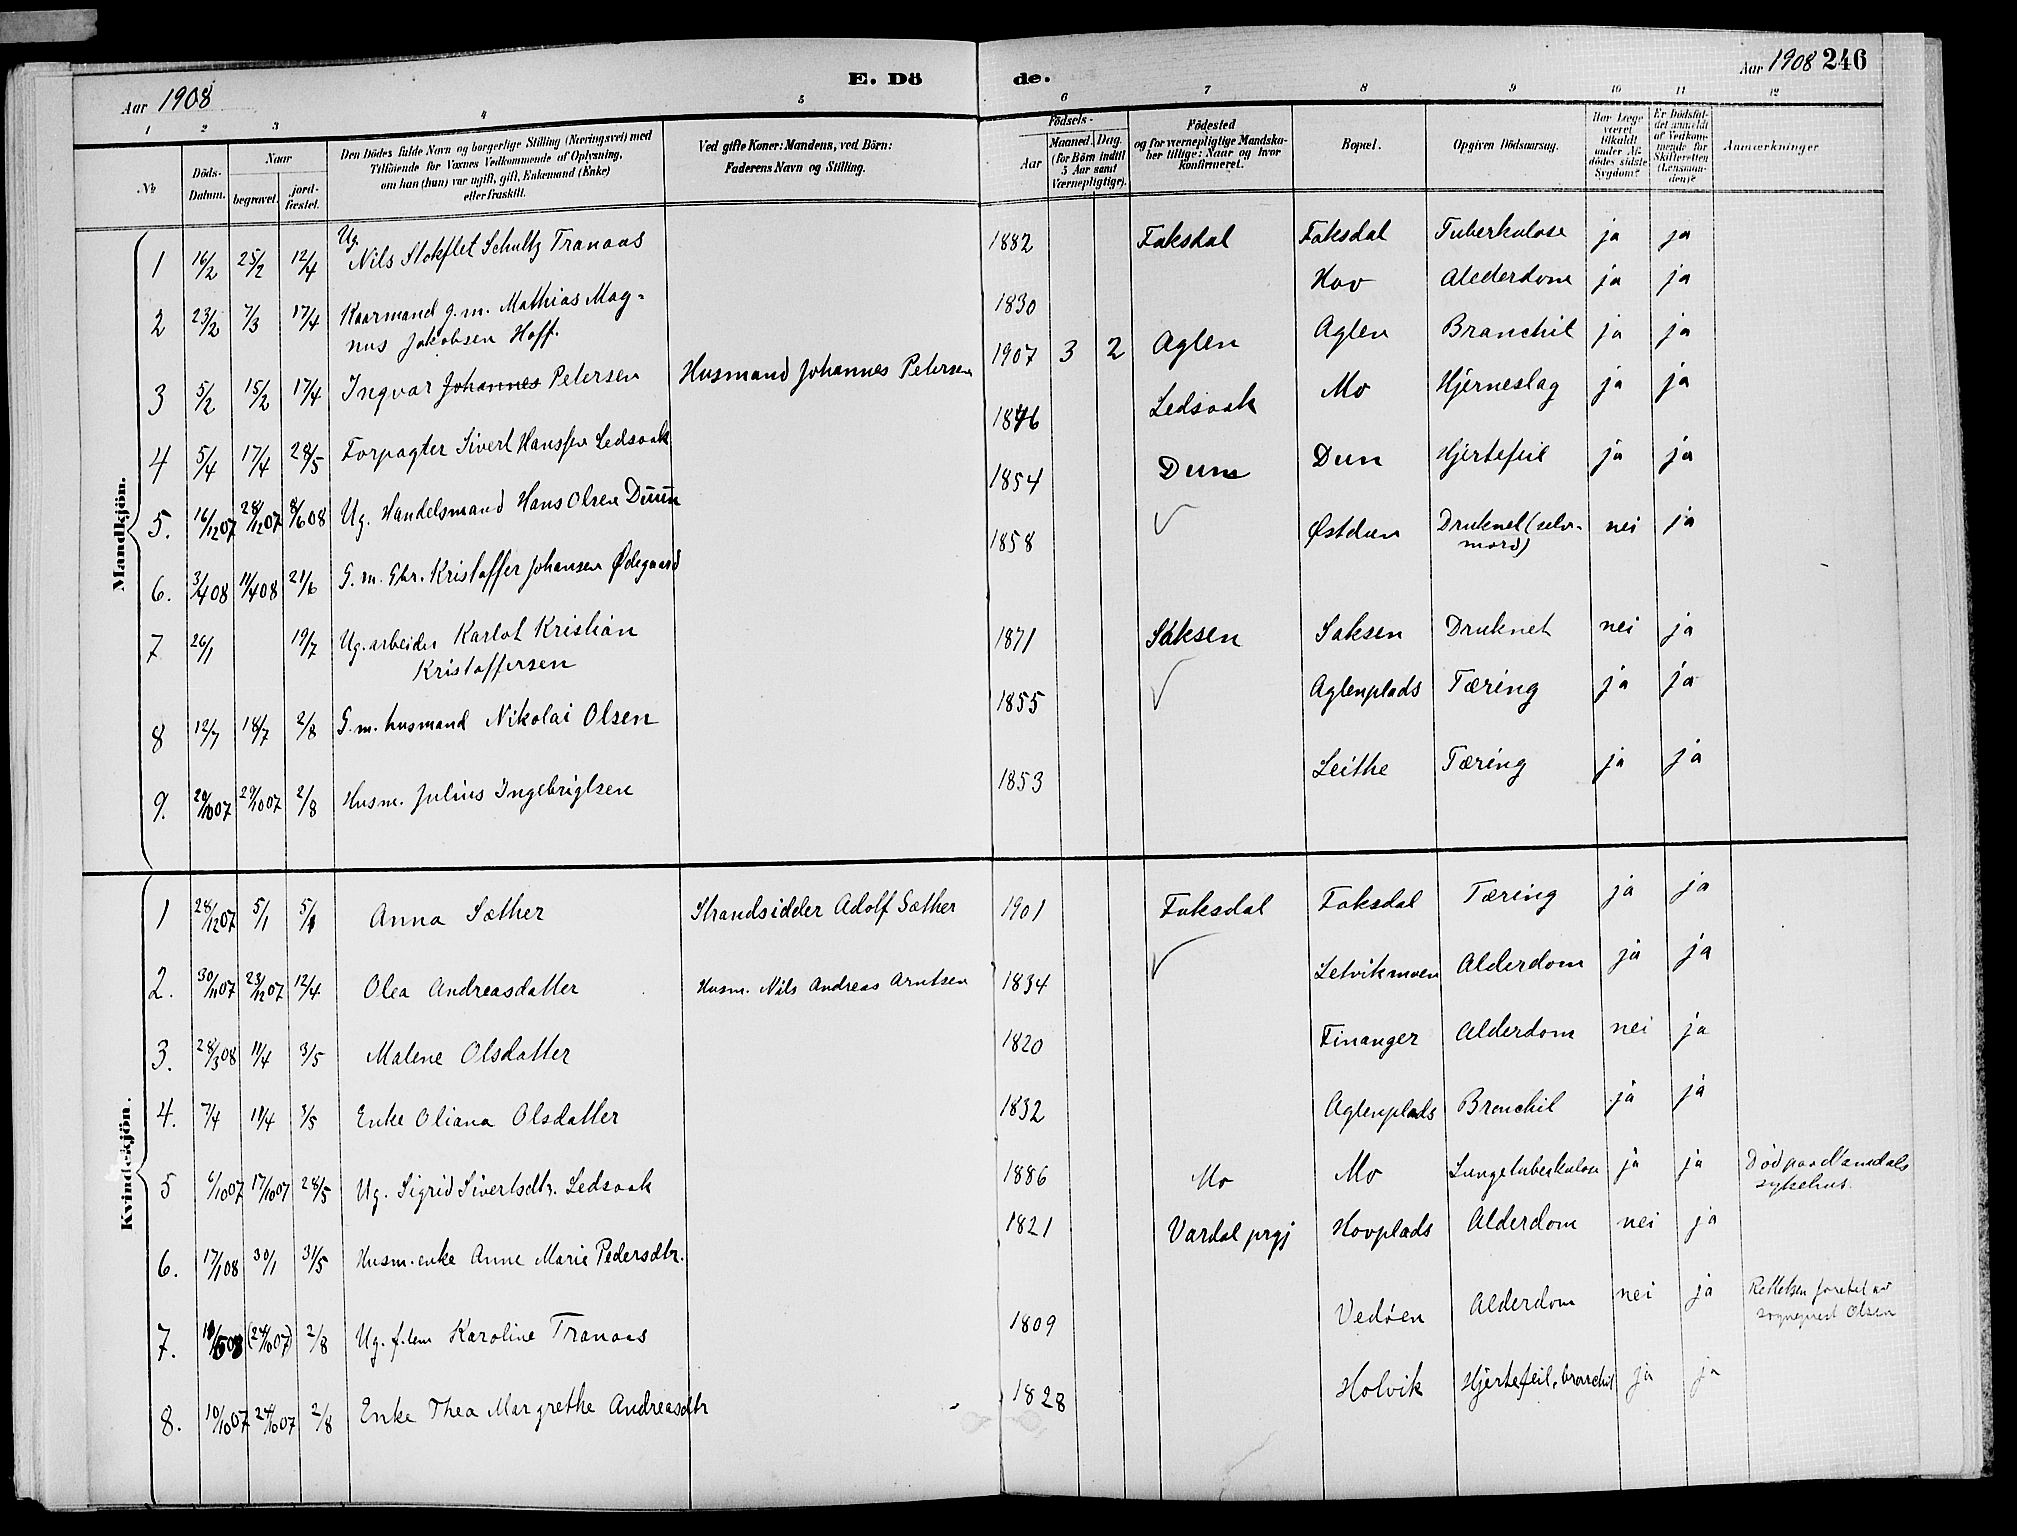 SAT, Ministerialprotokoller, klokkerbøker og fødselsregistre - Nord-Trøndelag, 773/L0617: Ministerialbok nr. 773A08, 1887-1910, s. 246